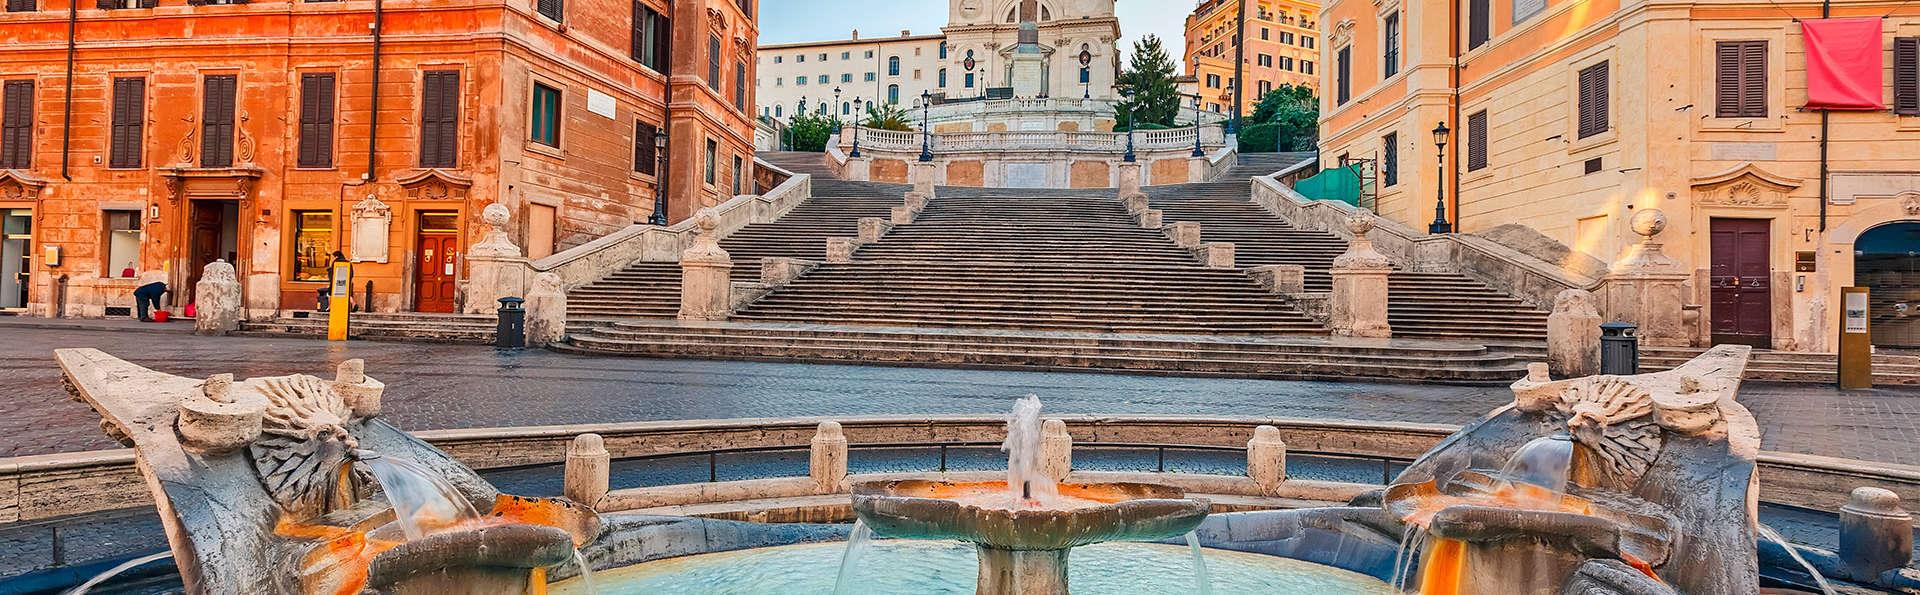 Hôtel 4 étoiles à Rome : le luxe au cœur de la Ville Éternelle, à proximité de la Piazza di Spagna